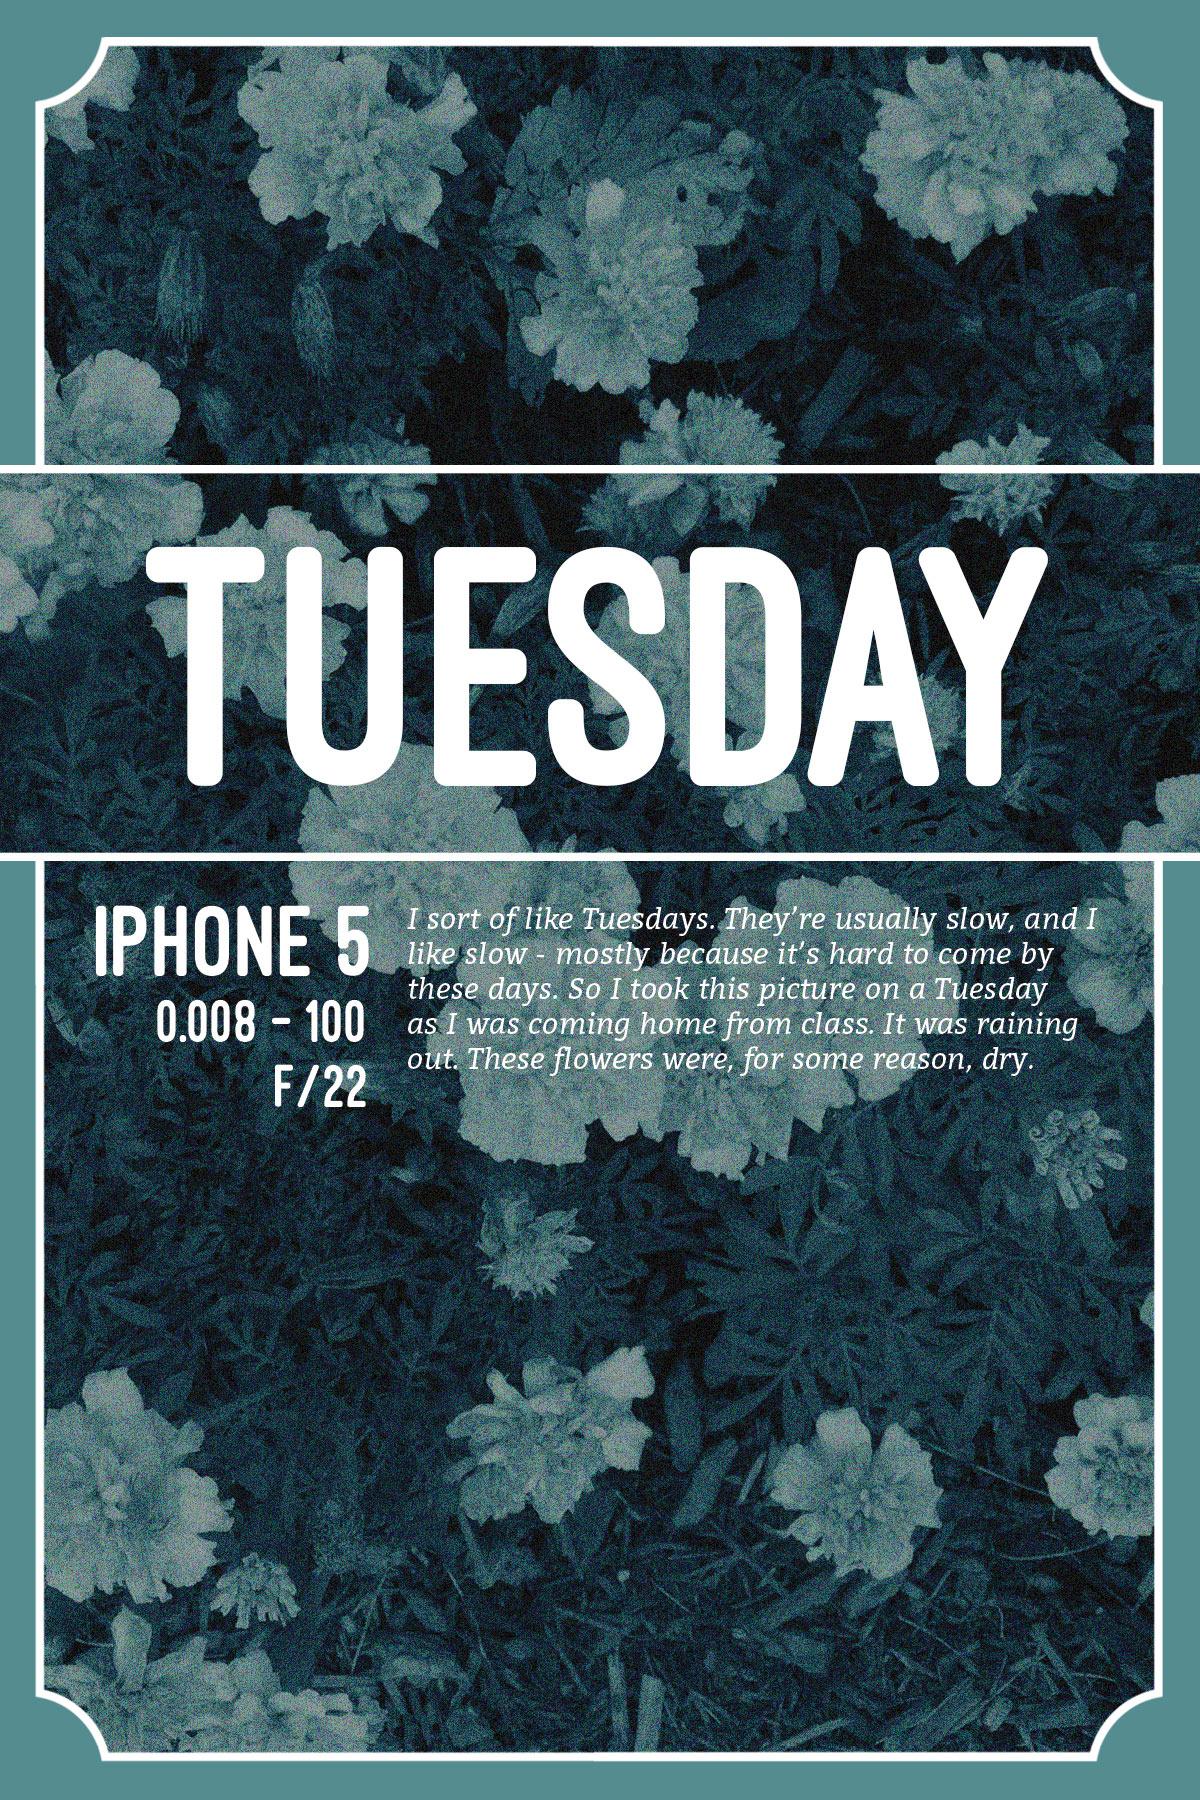 TuesdayIllust-2